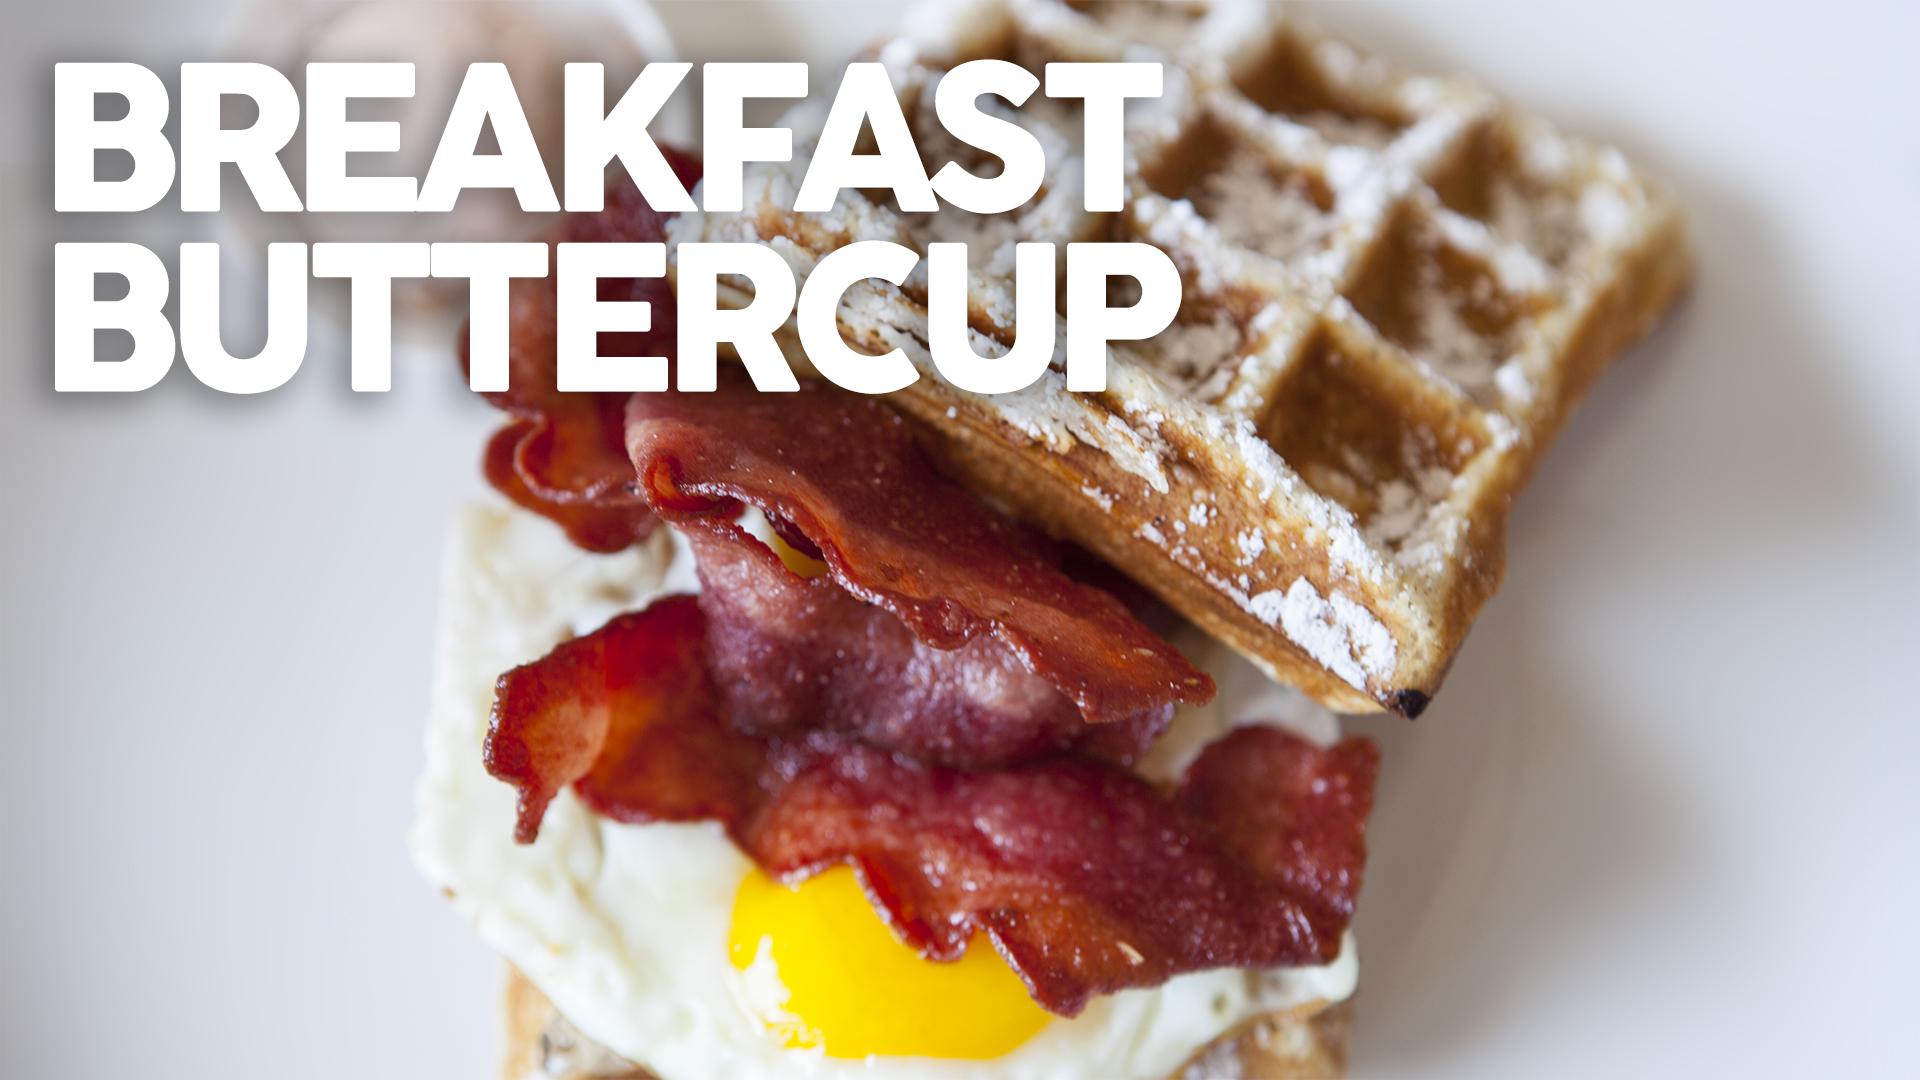 Breakfast Buttercup